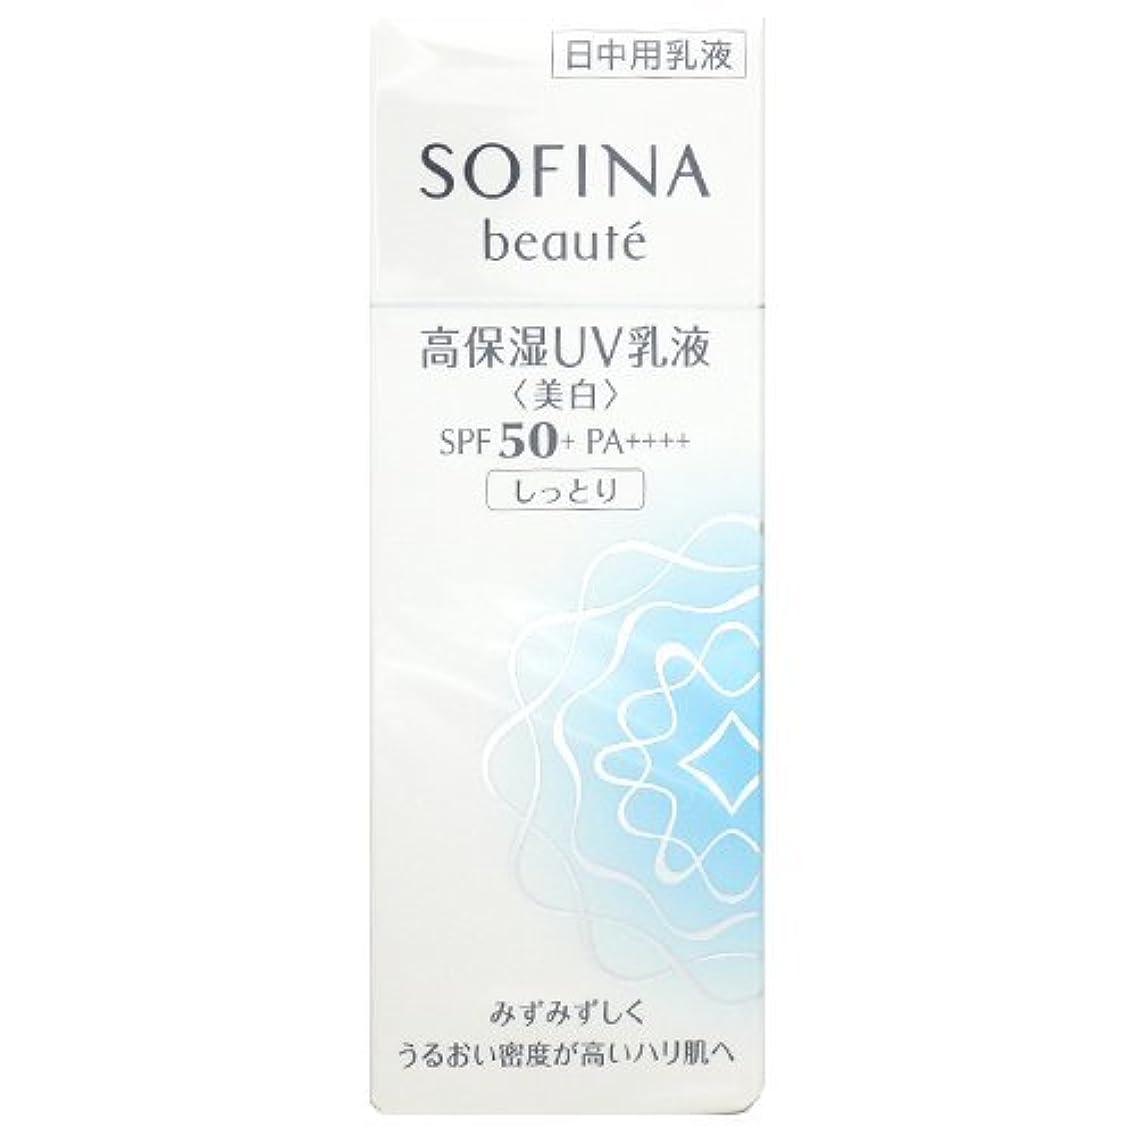 フットボールブロンズ接続詞花王 ソフィーナ ボーテ SOFINA beaute 高保湿UV乳液 美白 SPF50+ PA++++ しっとり 30g [並行輸入品]